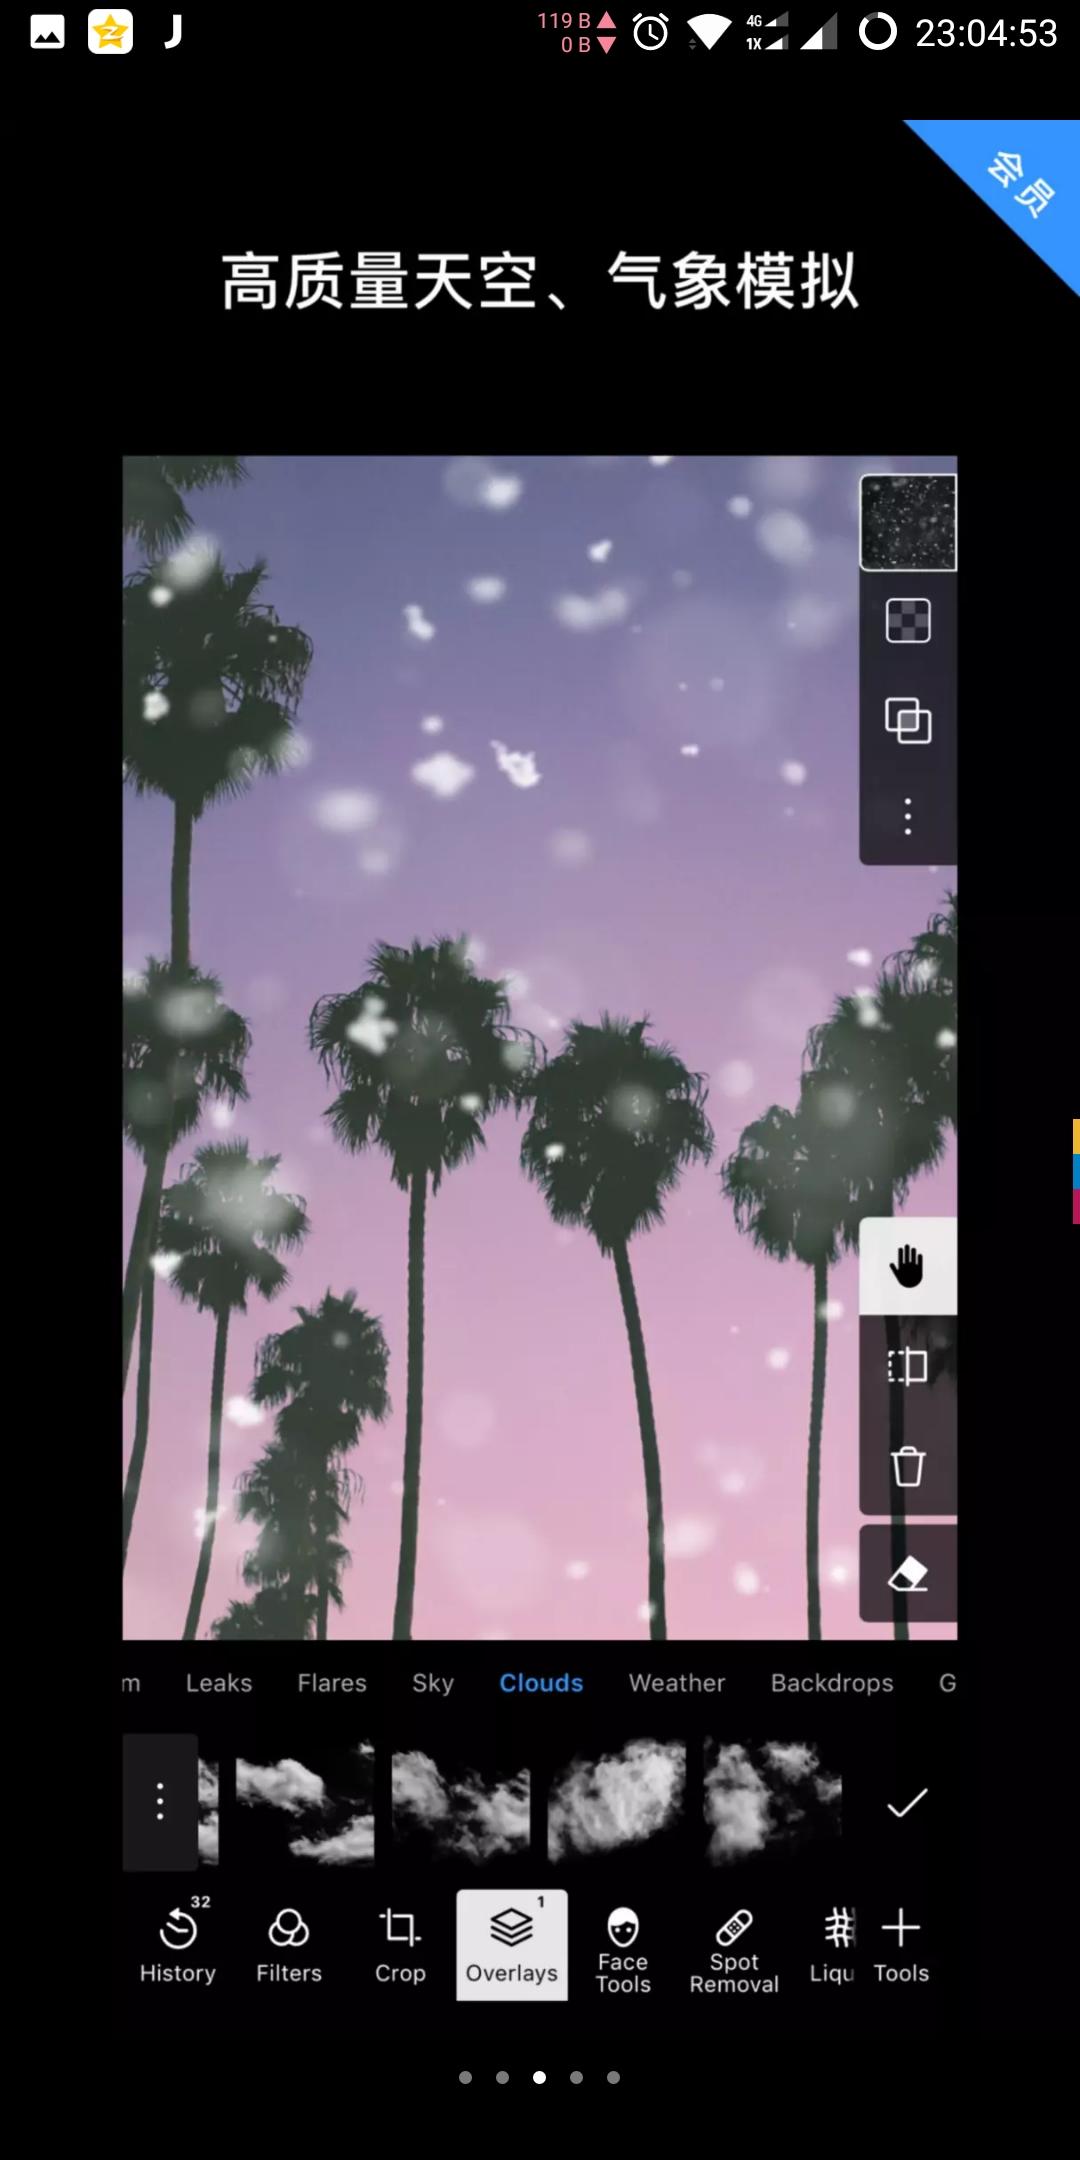 Screenshot_20180523-230453.jpg